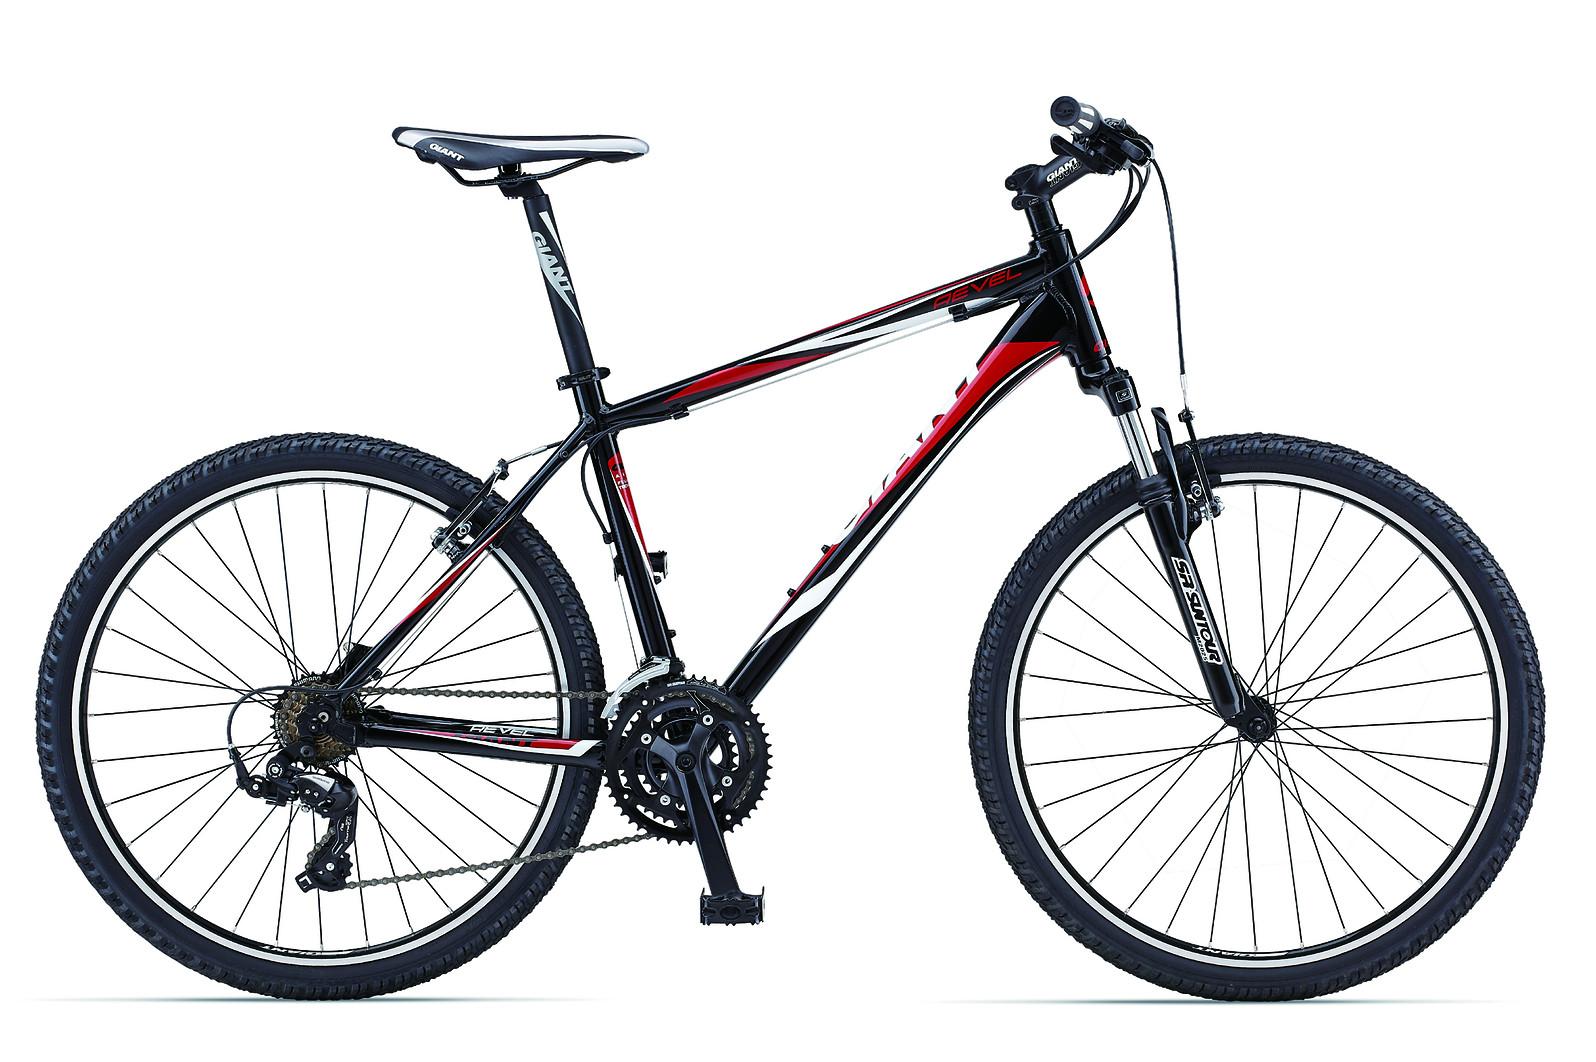 2013 Giant Revel 4 Bike Revel_4